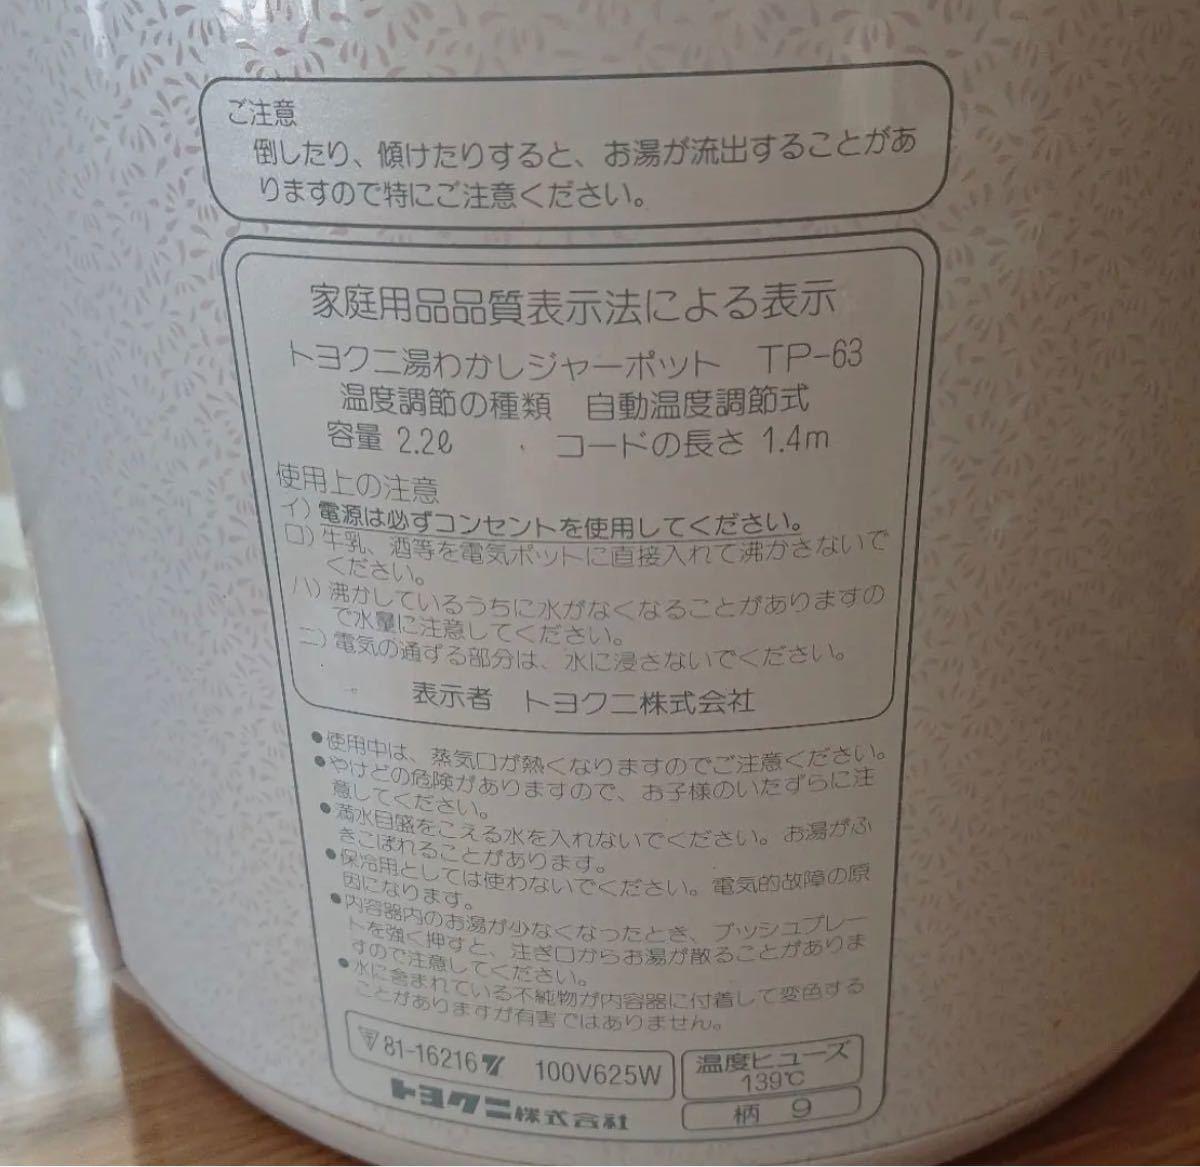 電気ポット 2.2リットル エアーポット 昭和レトロ 魔法瓶 保温ポット